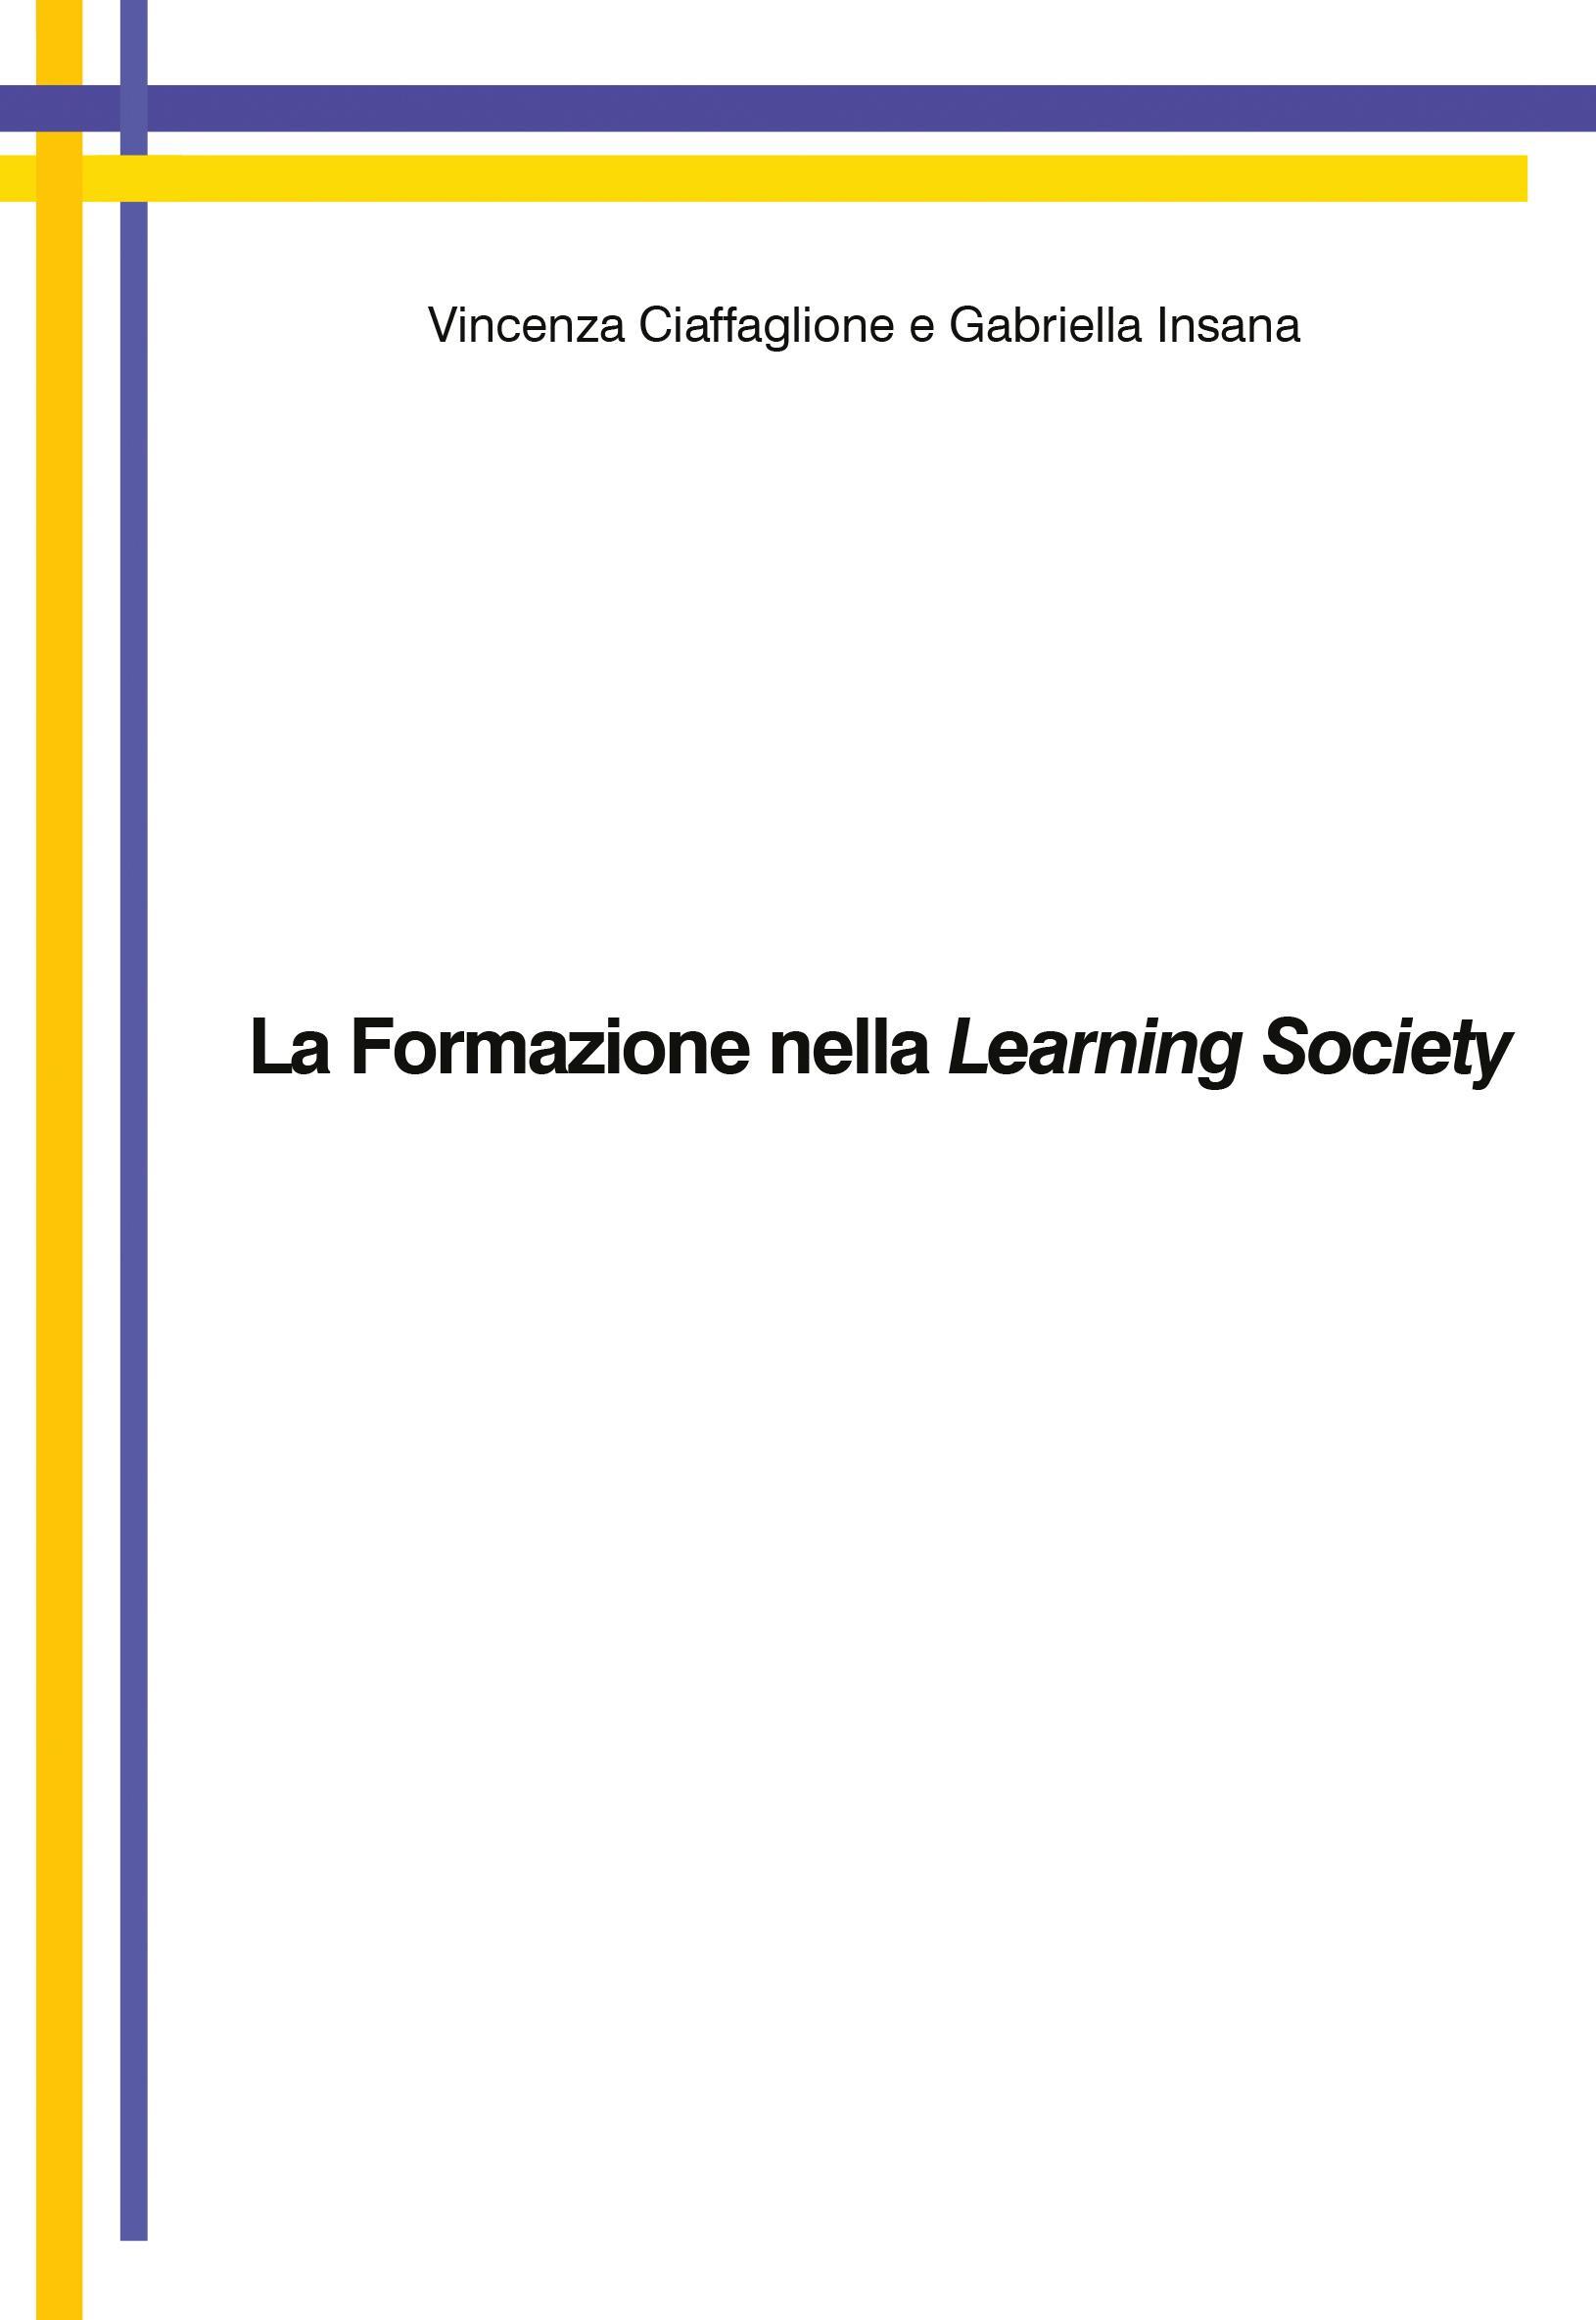 La Formazione nella Learning Society